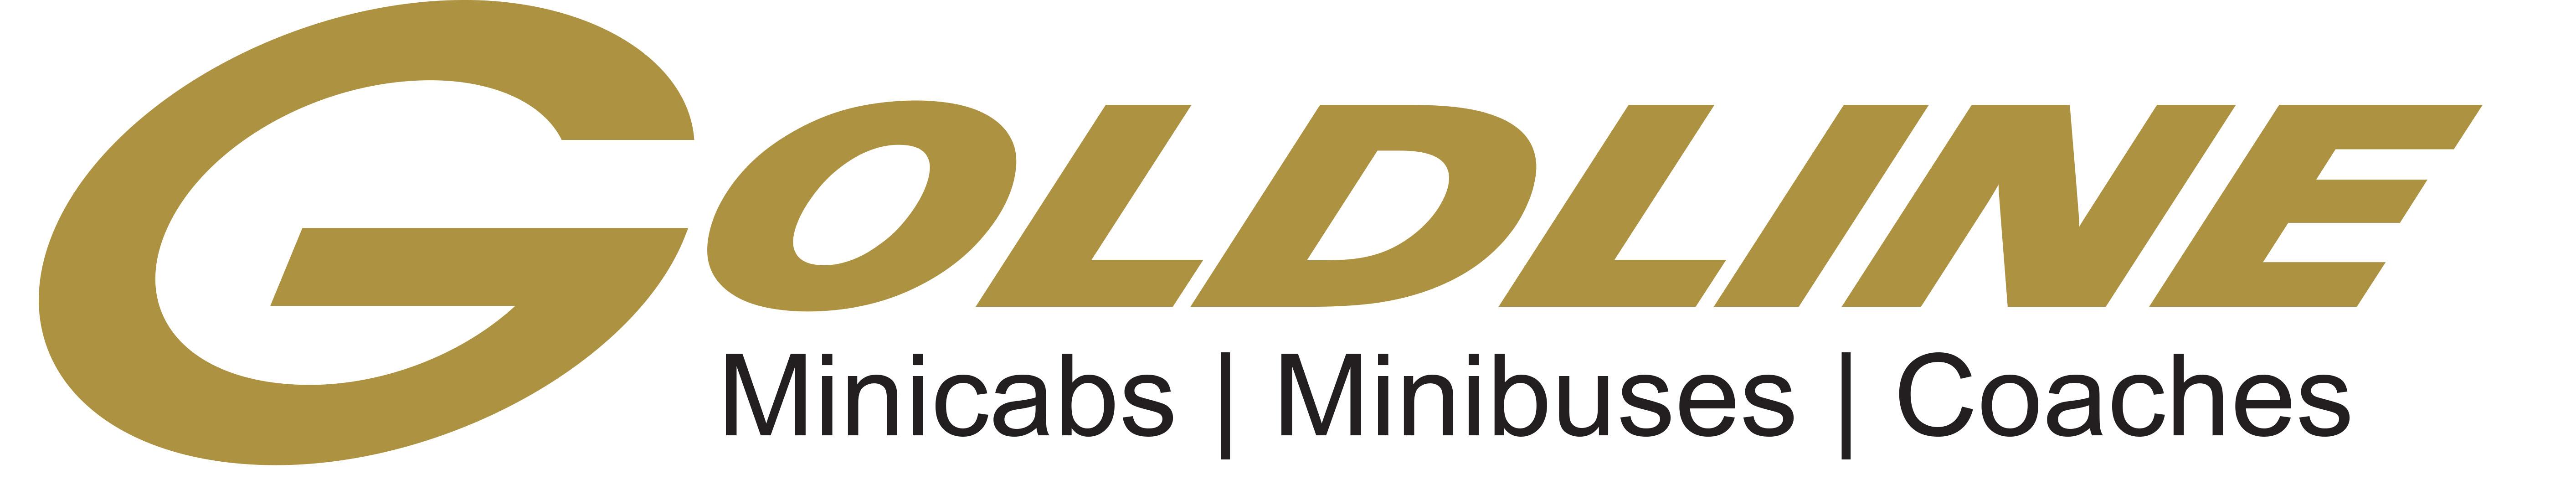 Goldline-Logo-FInaljpg